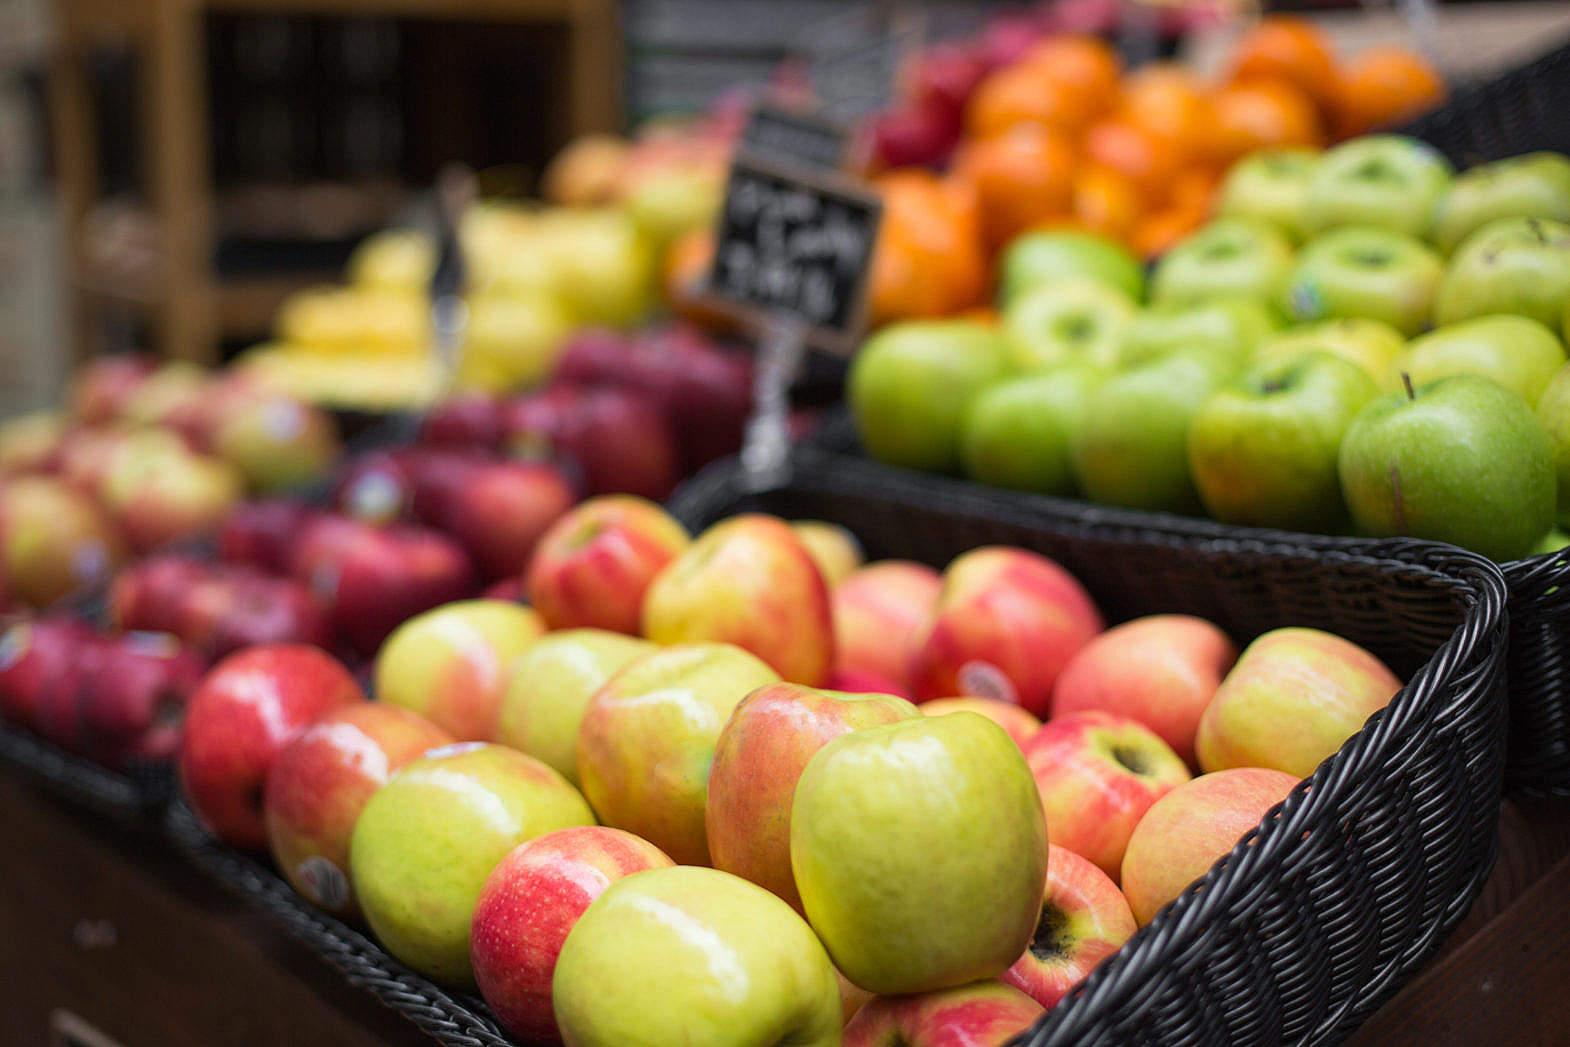 تامین بیش از ۲ هزار تن سیب و پرتقال برای شب عید استان کرمان